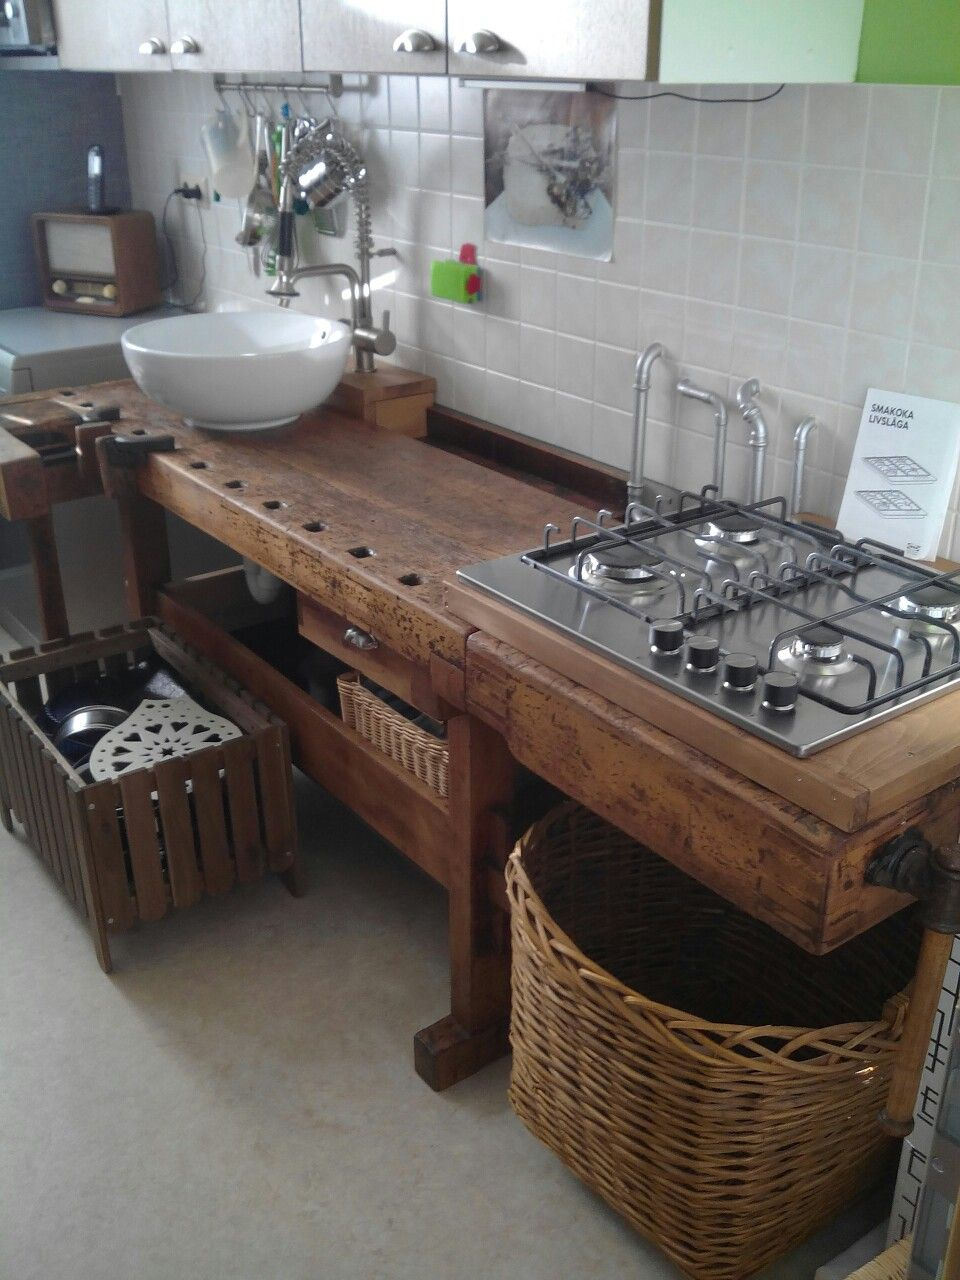 Charmant Werkbank Küche Bilder Die Besten Wohnideen kinjolas